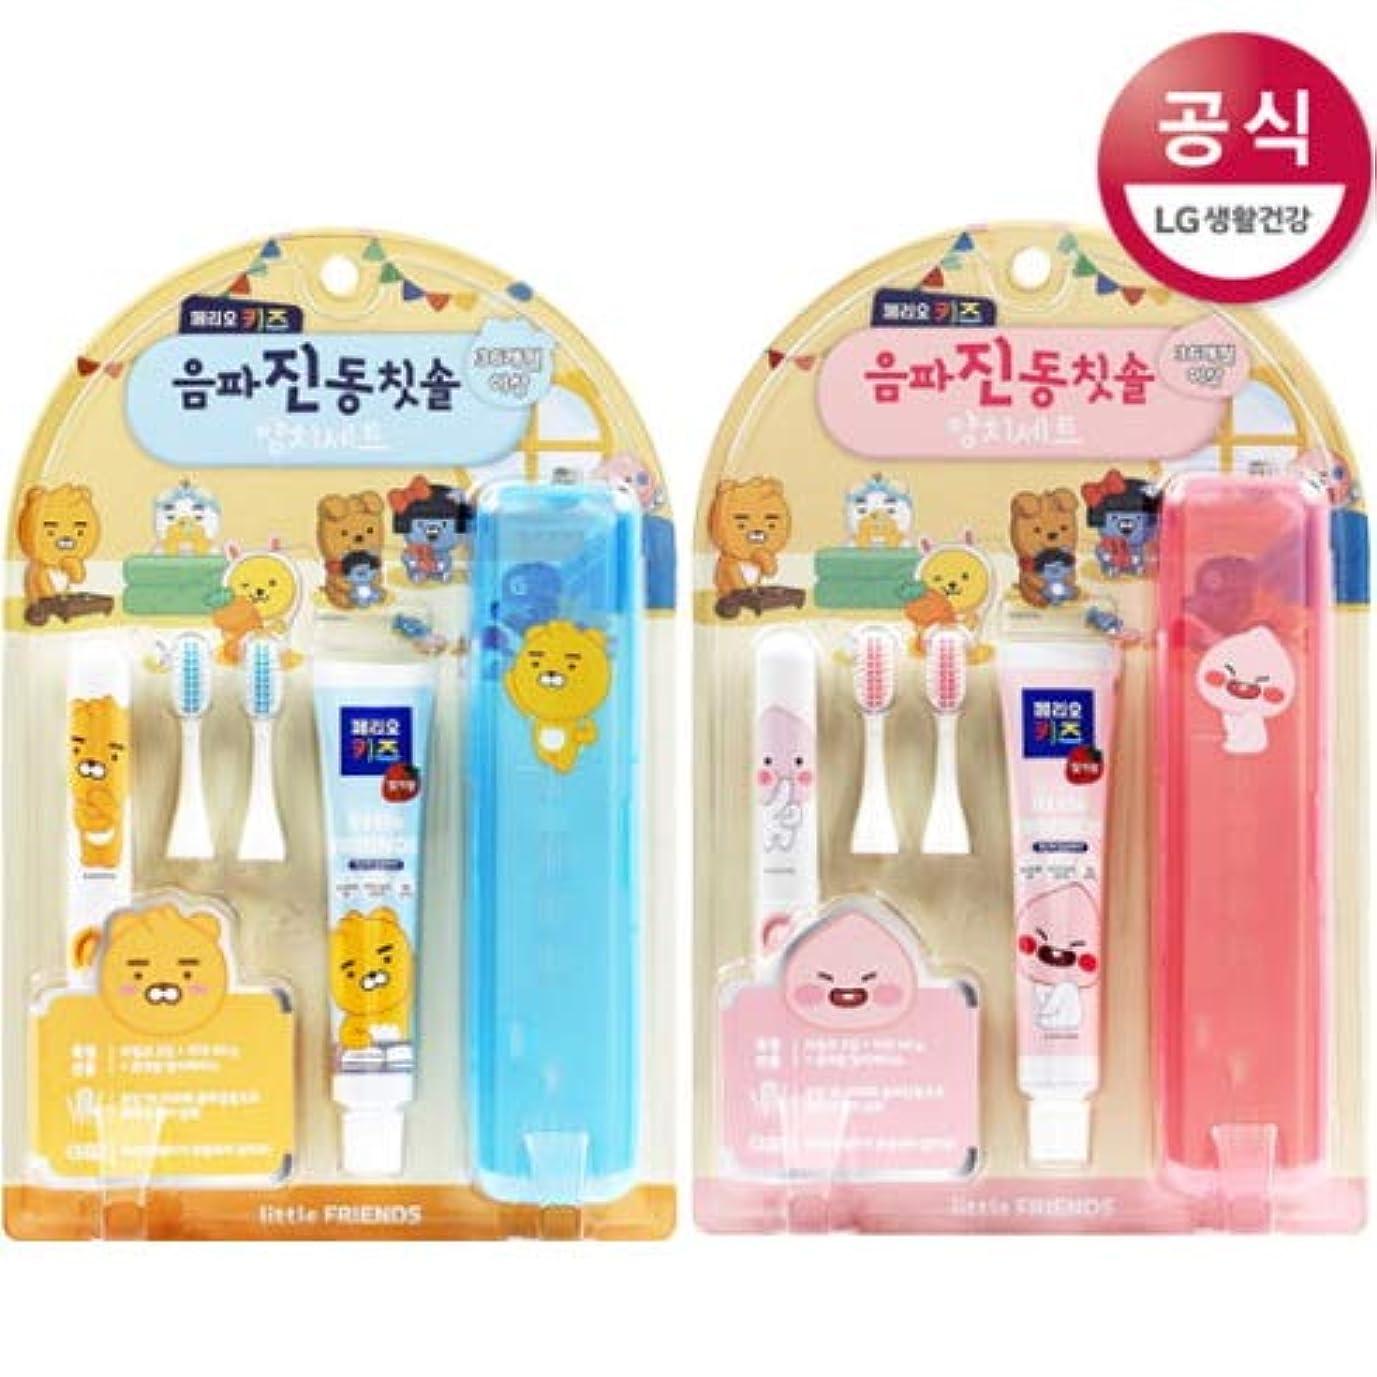 ずるい崩壊複雑な[LG HnB] Kakao Friends Kids Vibrating Brush Set / カカオフレンズキッズ振動シダセットx2個(海外直送品)